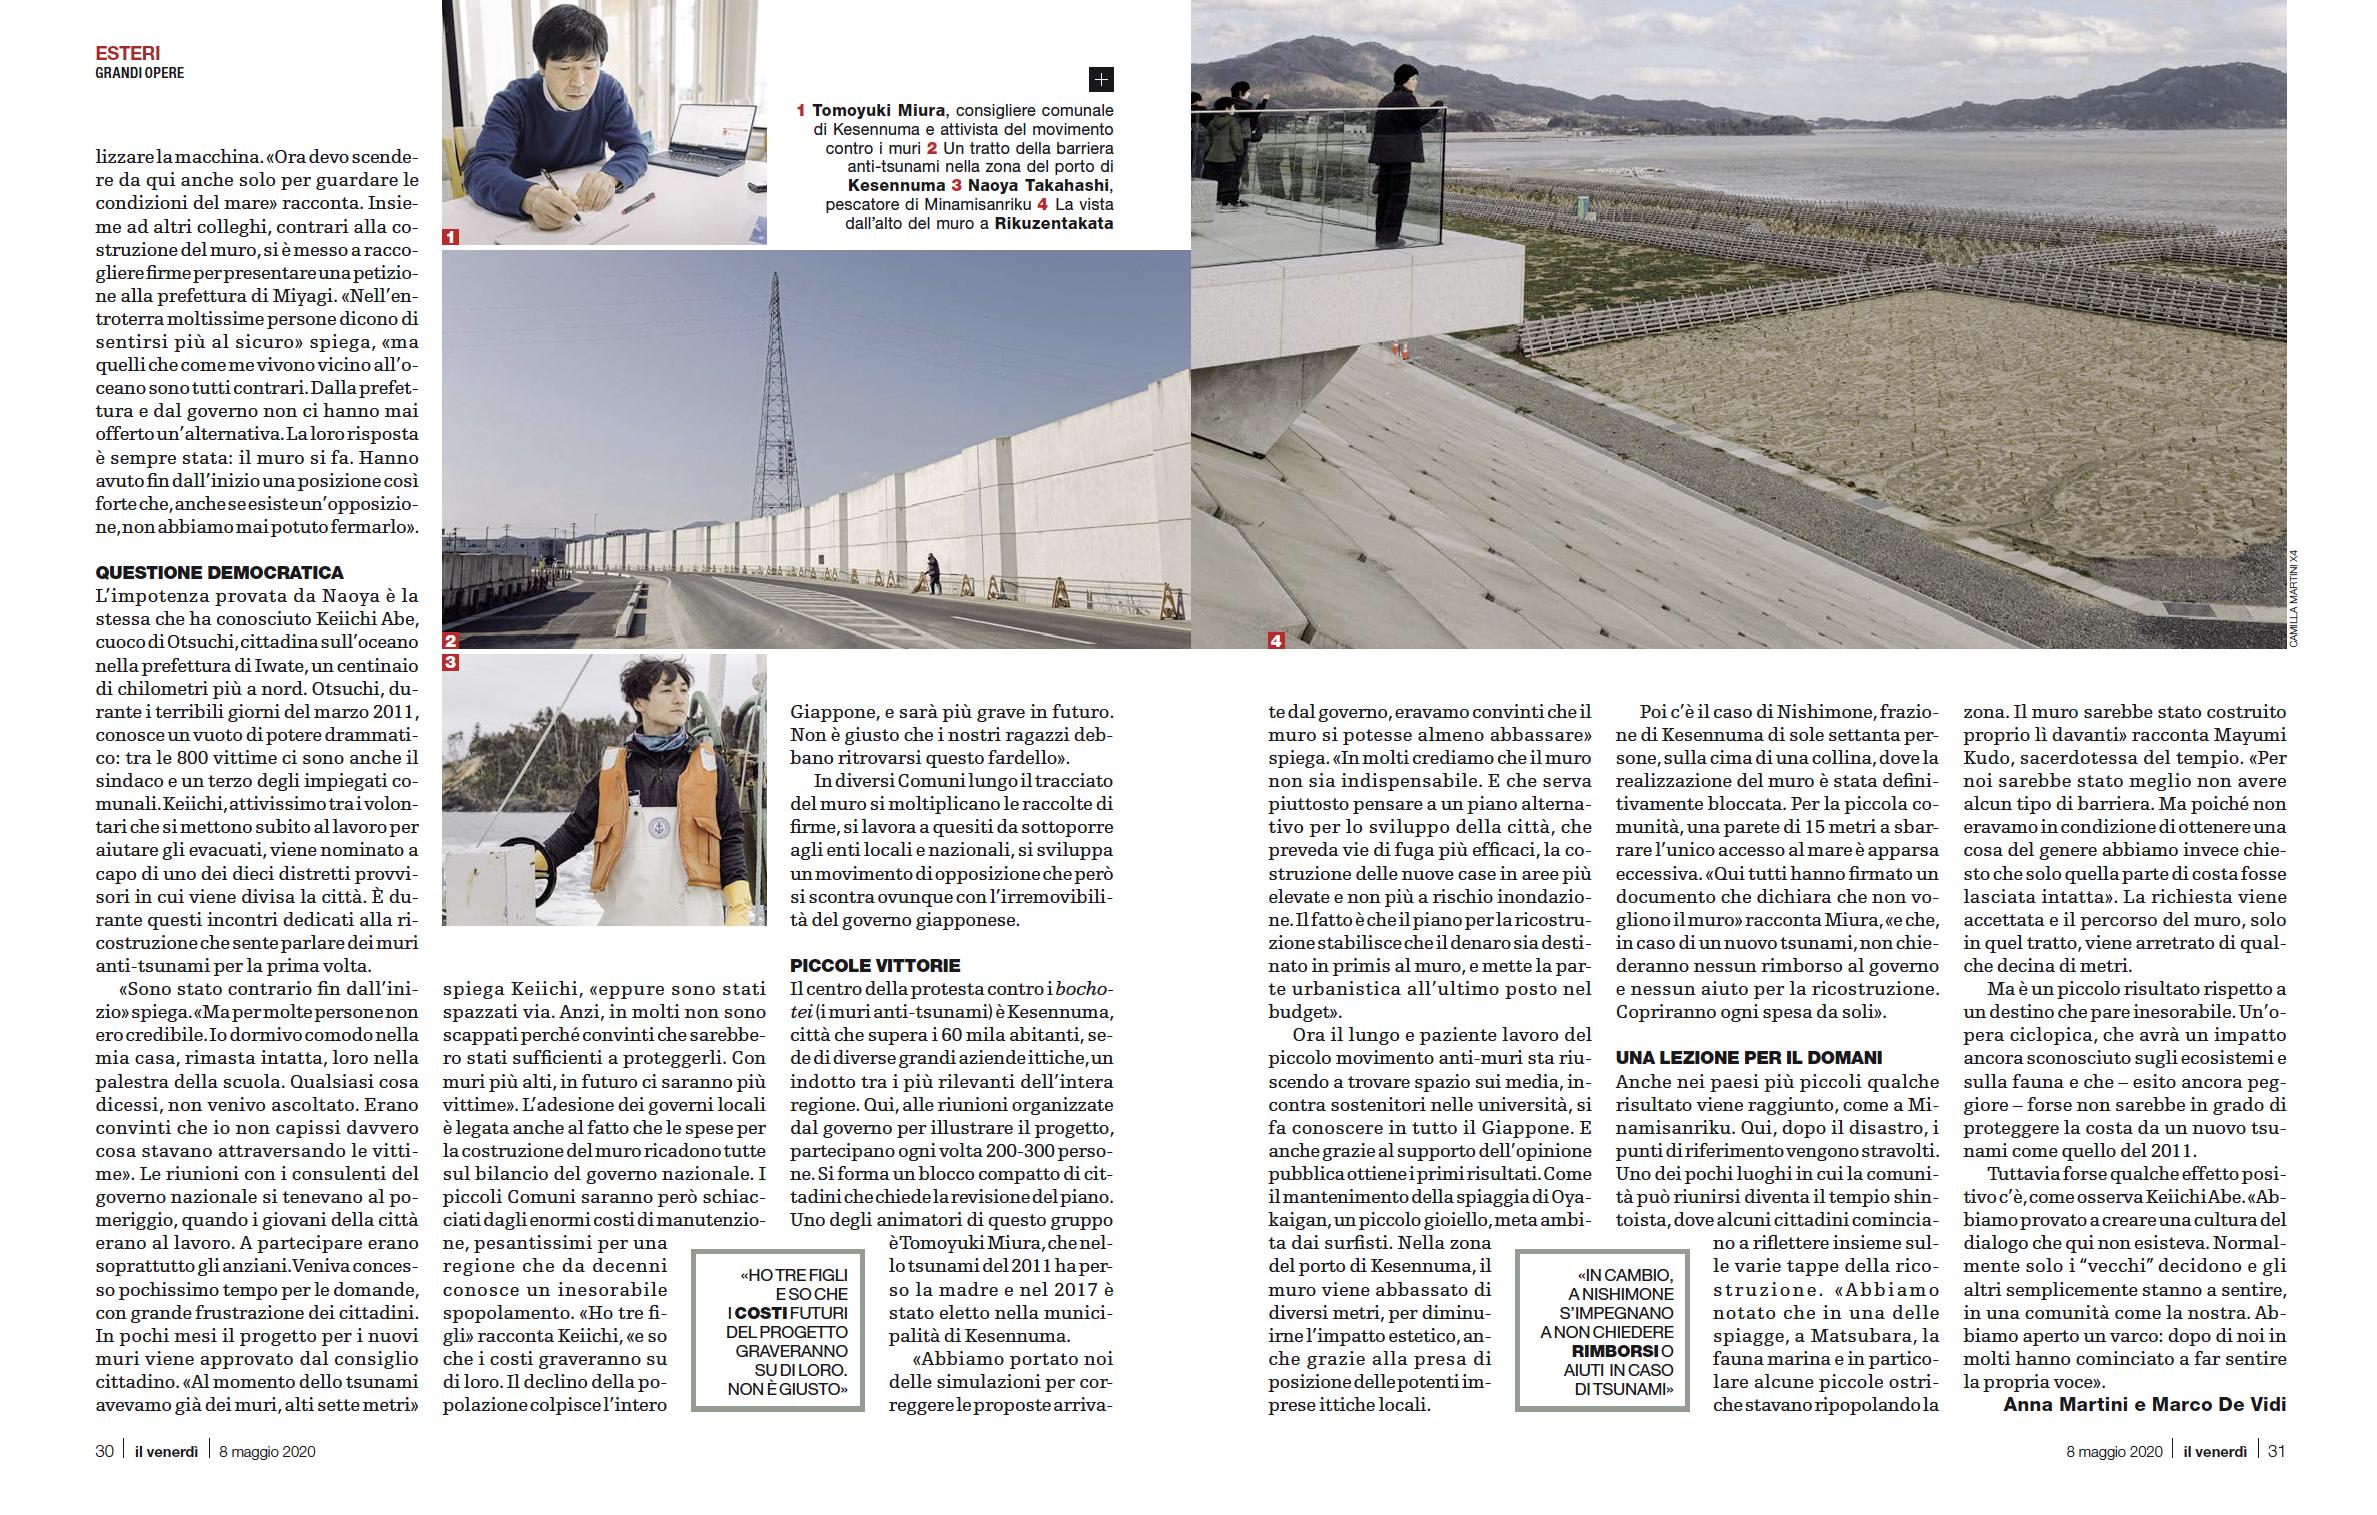 Tearsheets _ Il Venerdì di Repubblica _ Un'onda contro il muro _ Fotografie di Camilla Martini